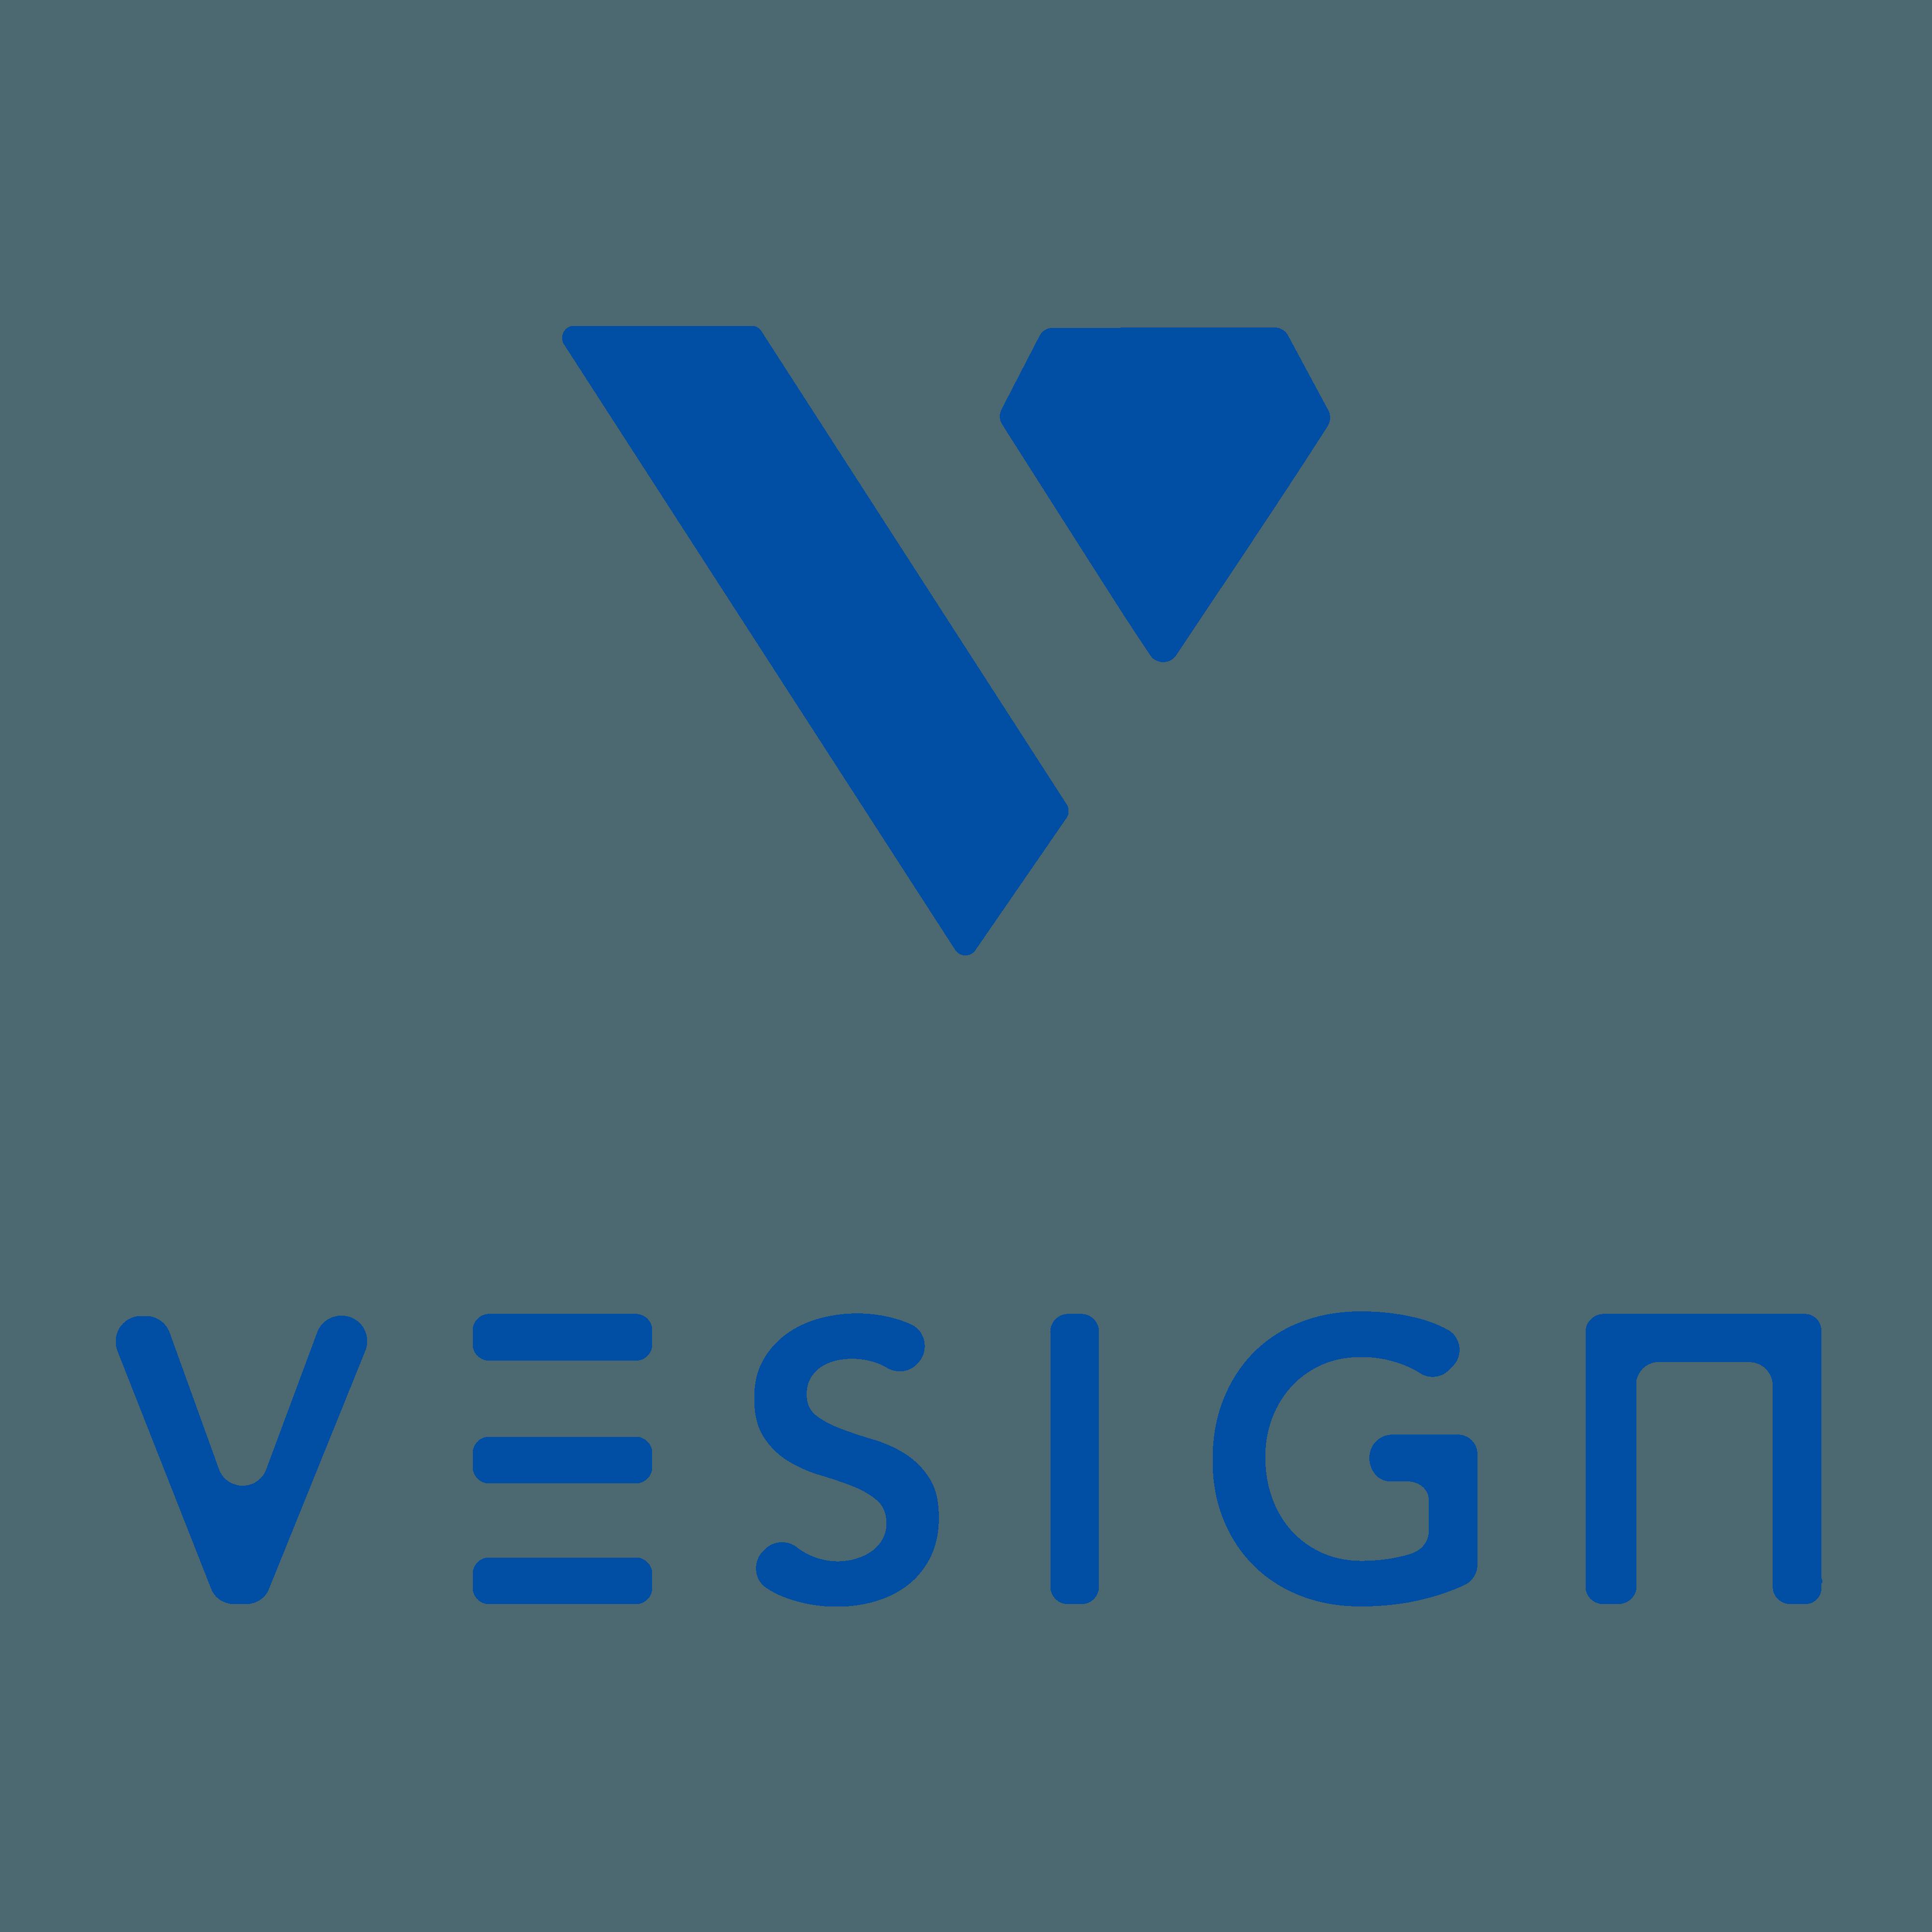 Vesign